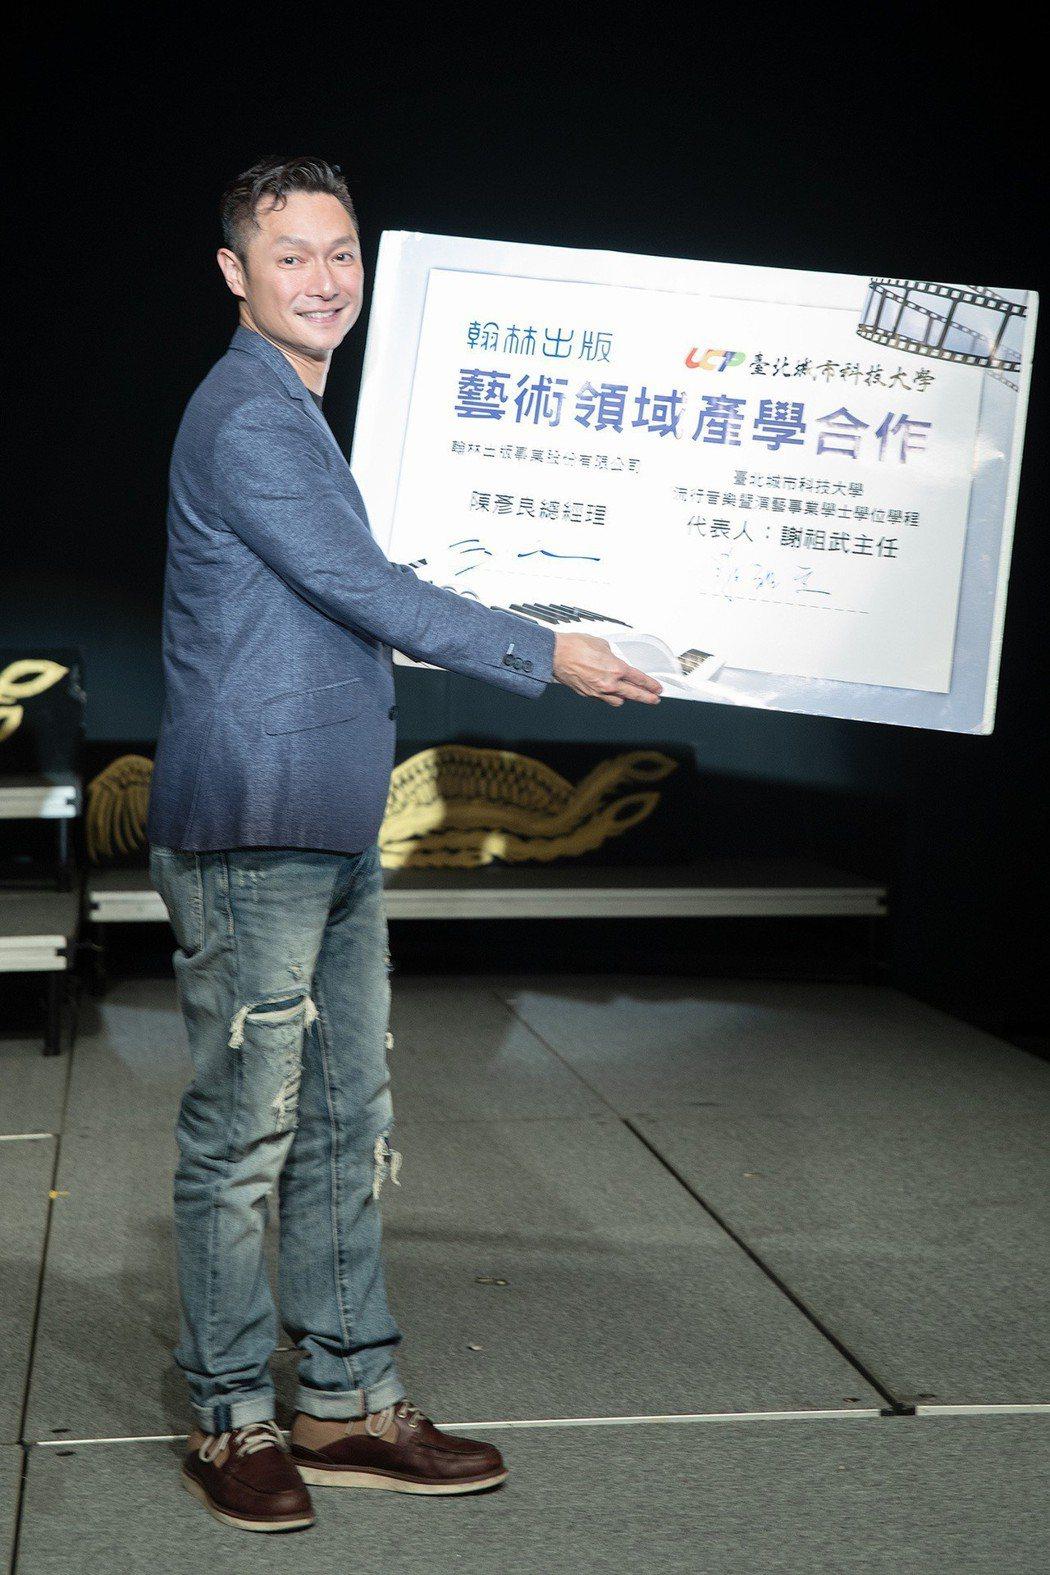 謝祖武應邀擔任台北城市科技大學演藝事業學士學位學程系主任。圖/城市科大提供